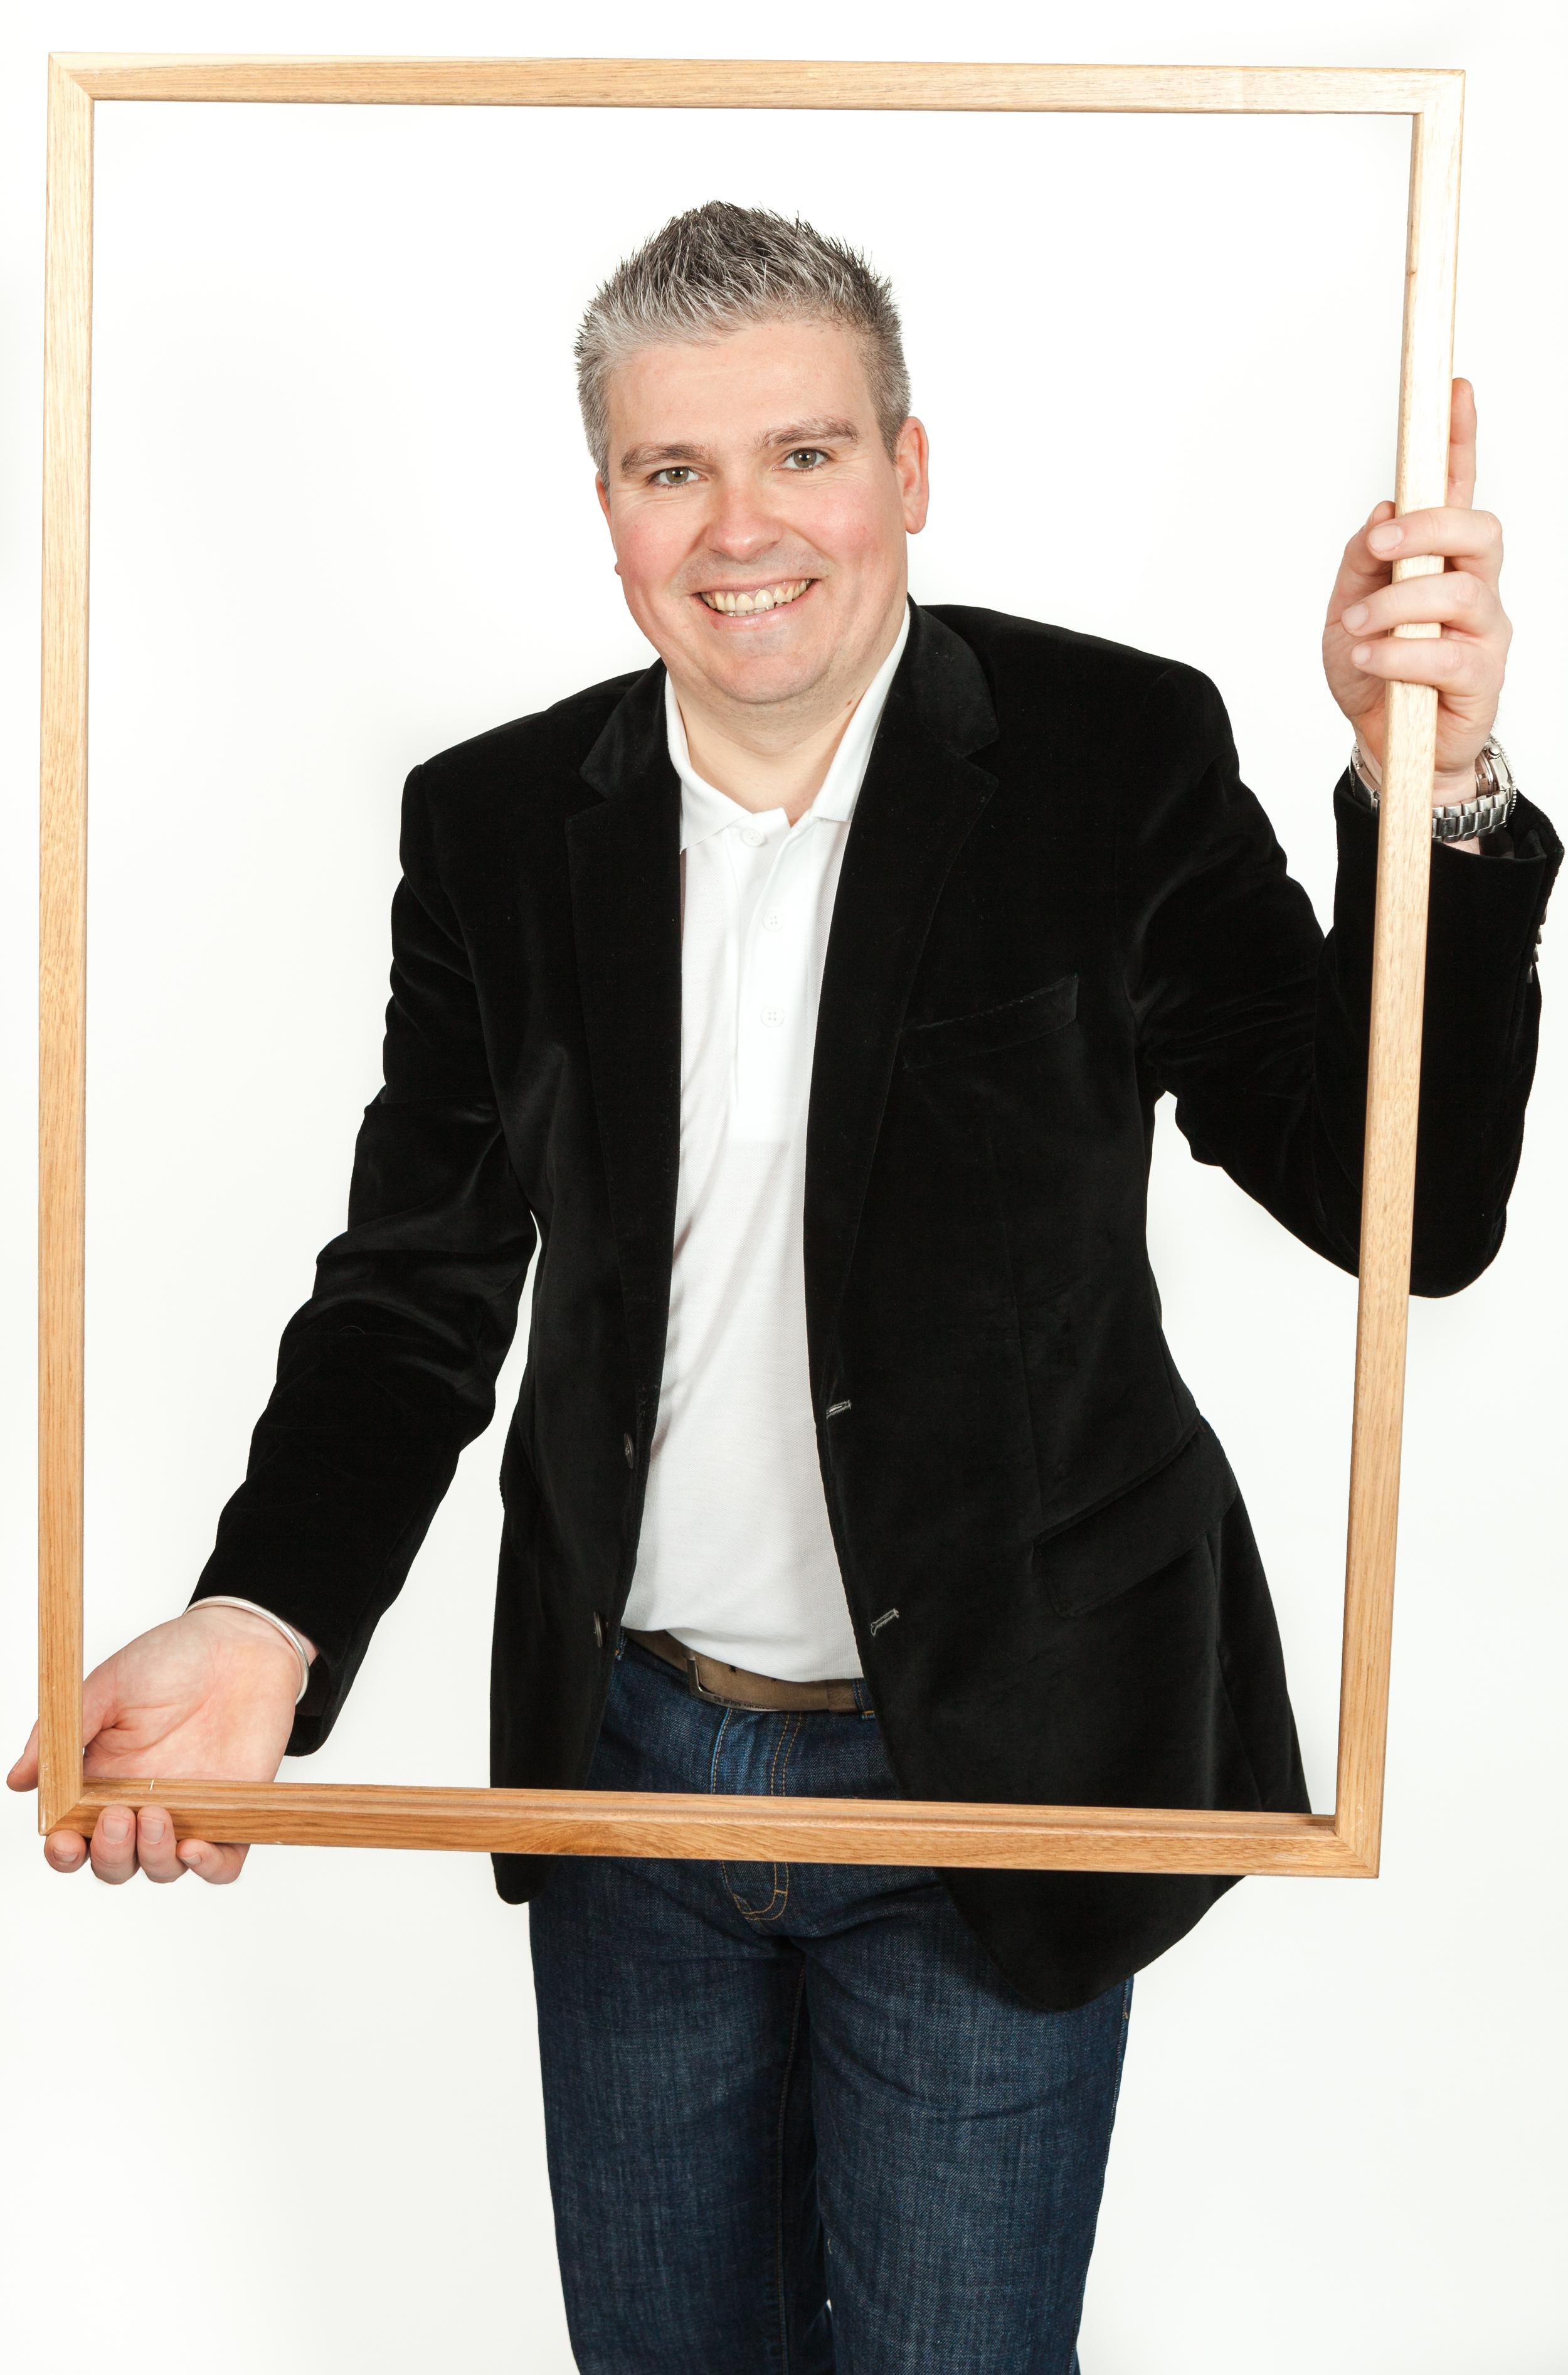 Dave Black Suede Jacket - in the frame_SimbocLtd_6441.jpg